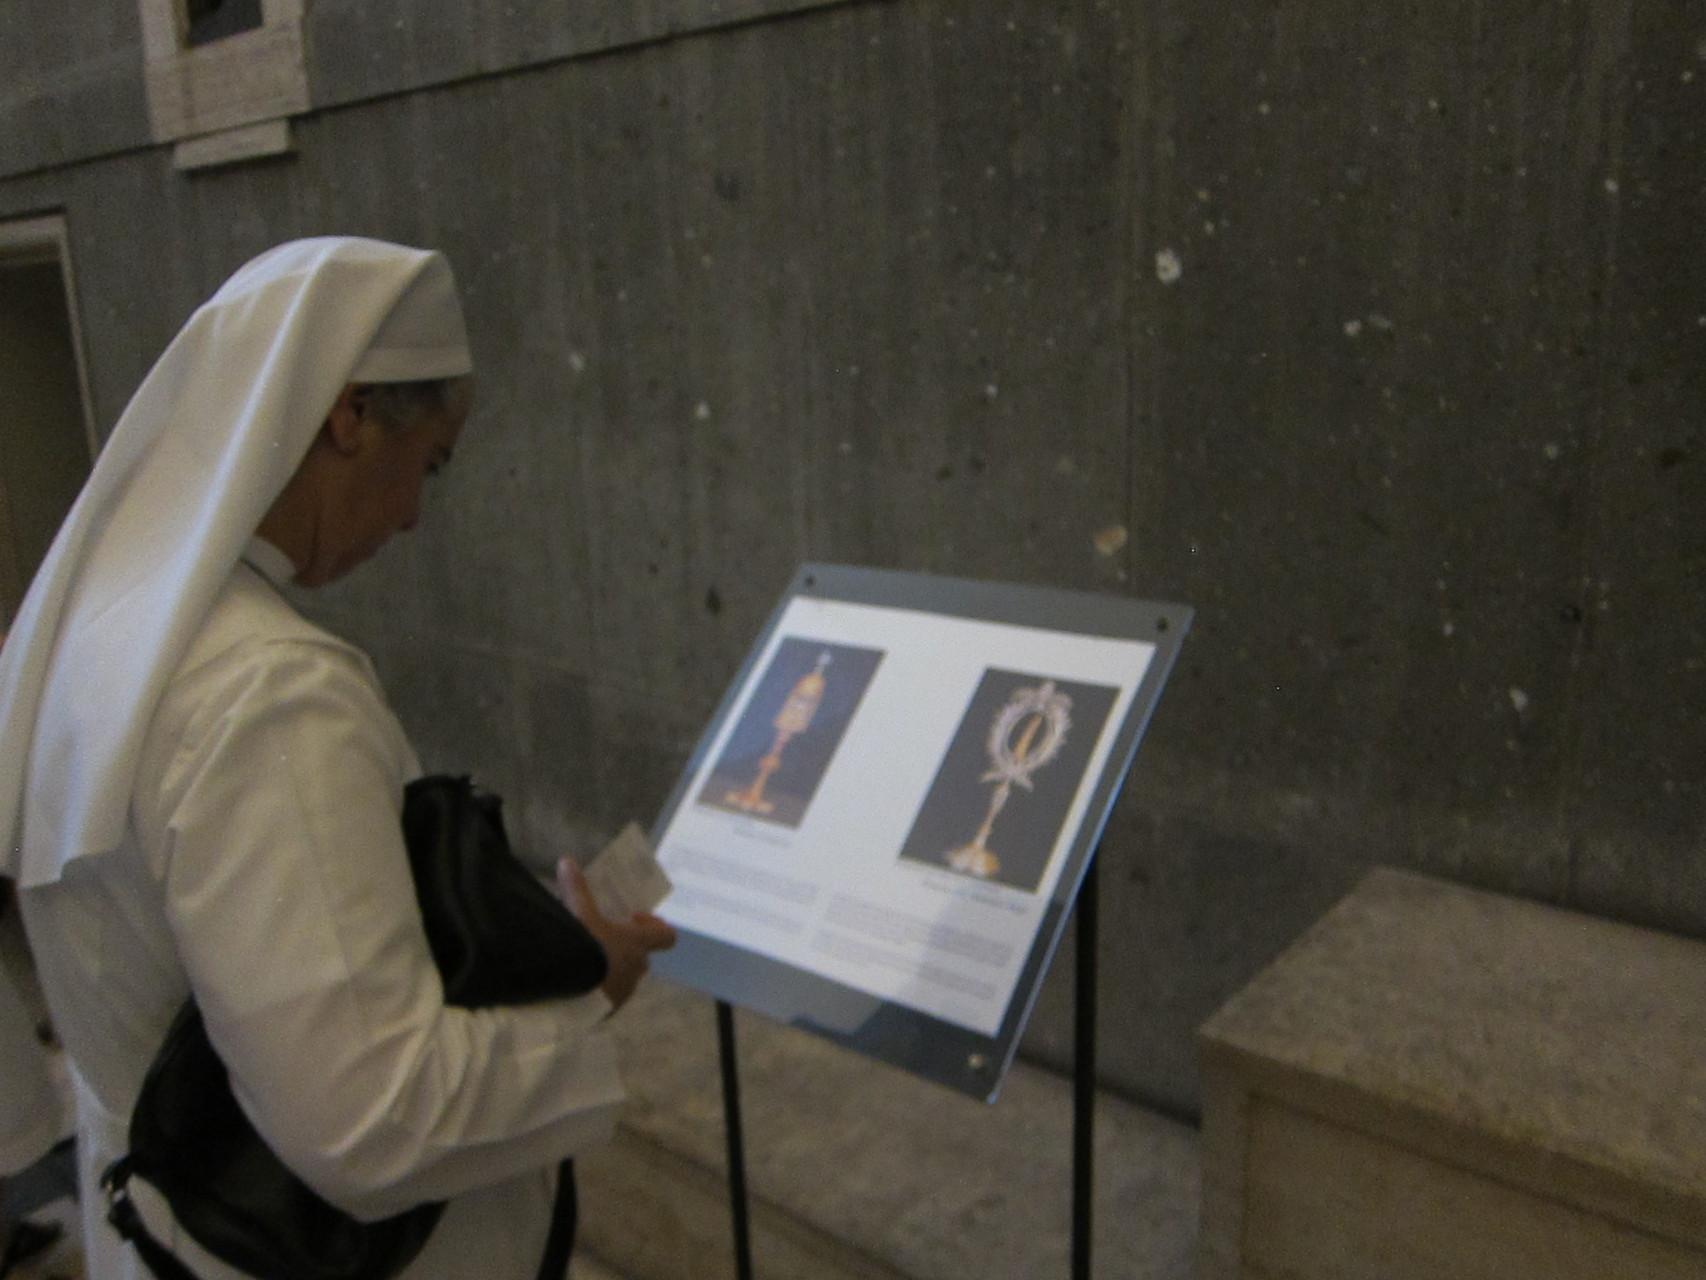 祭壇の後ろに安置されている聖遺物の解説を見るシスター